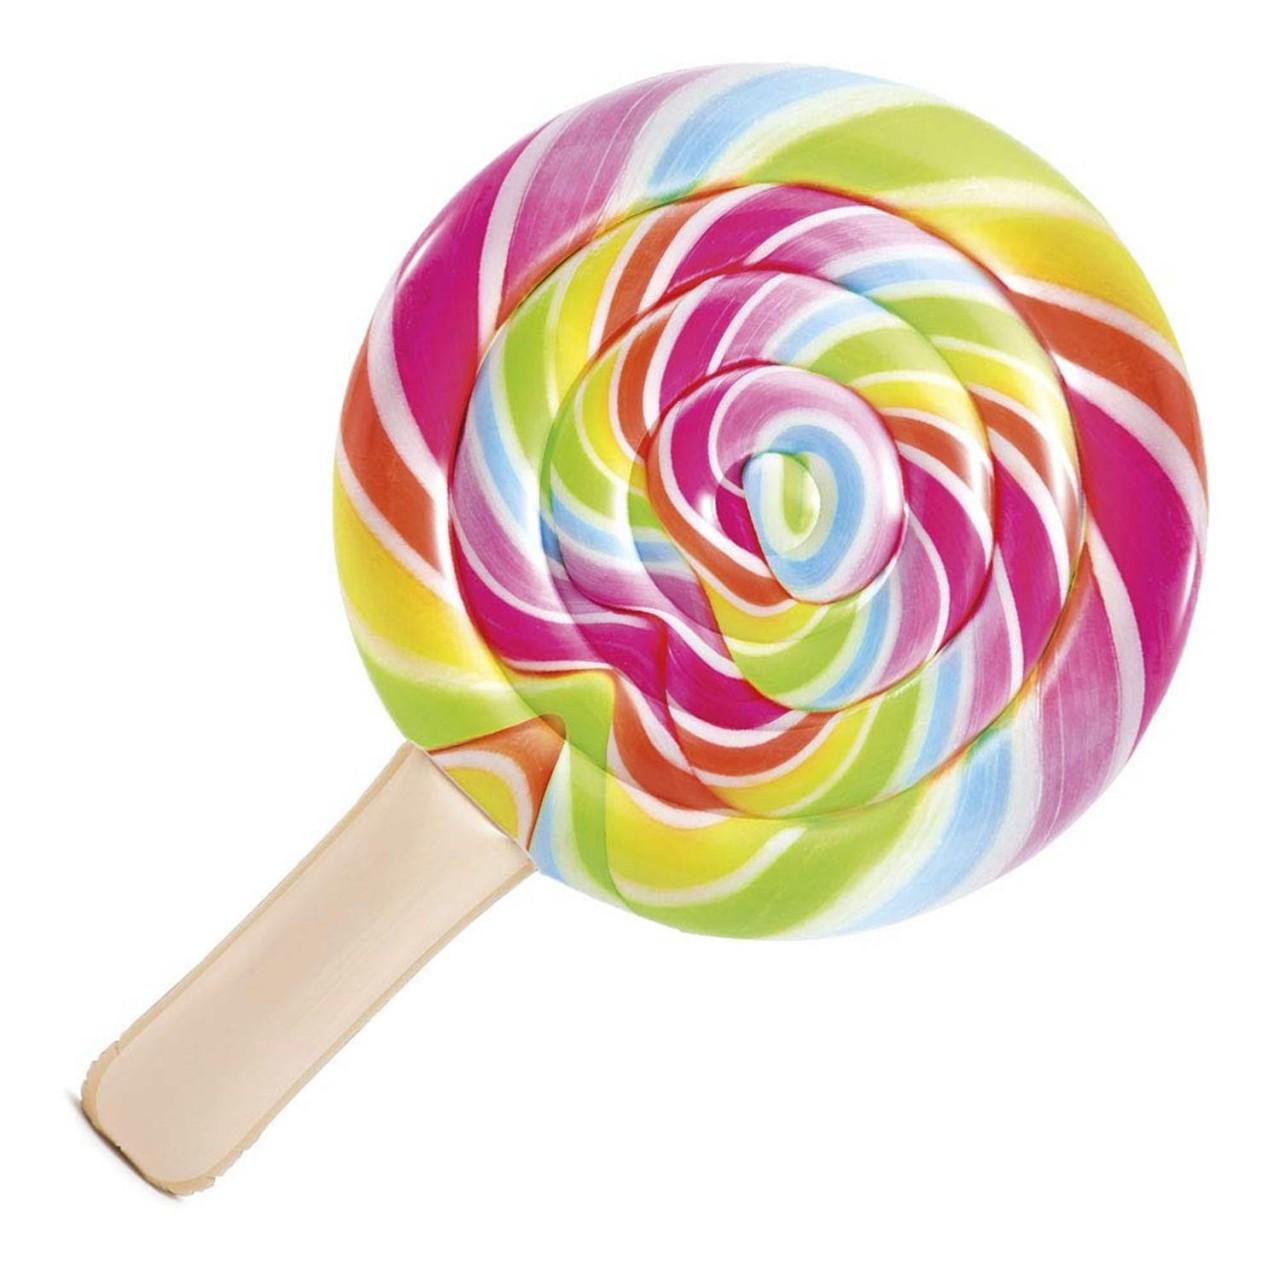 Intex Luftmatratze Lollipop Wasserliege Matratze Pool 208x135 cm Badeinsel 58753